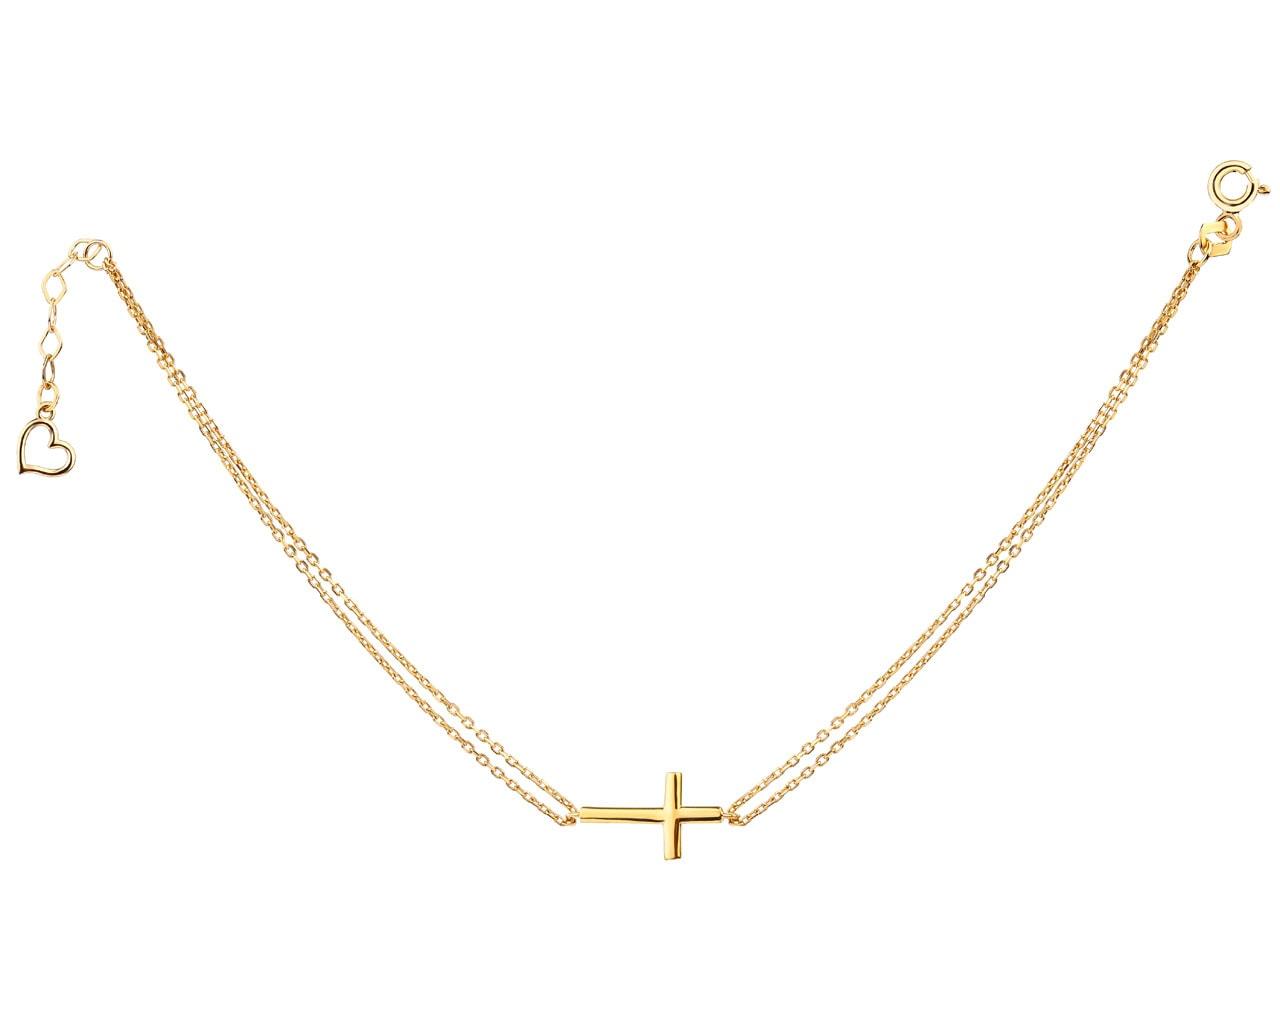 57a973fcbc2cf1 Złota bransoletka z krzyżykiem - wzór AP523-3207 / Apart